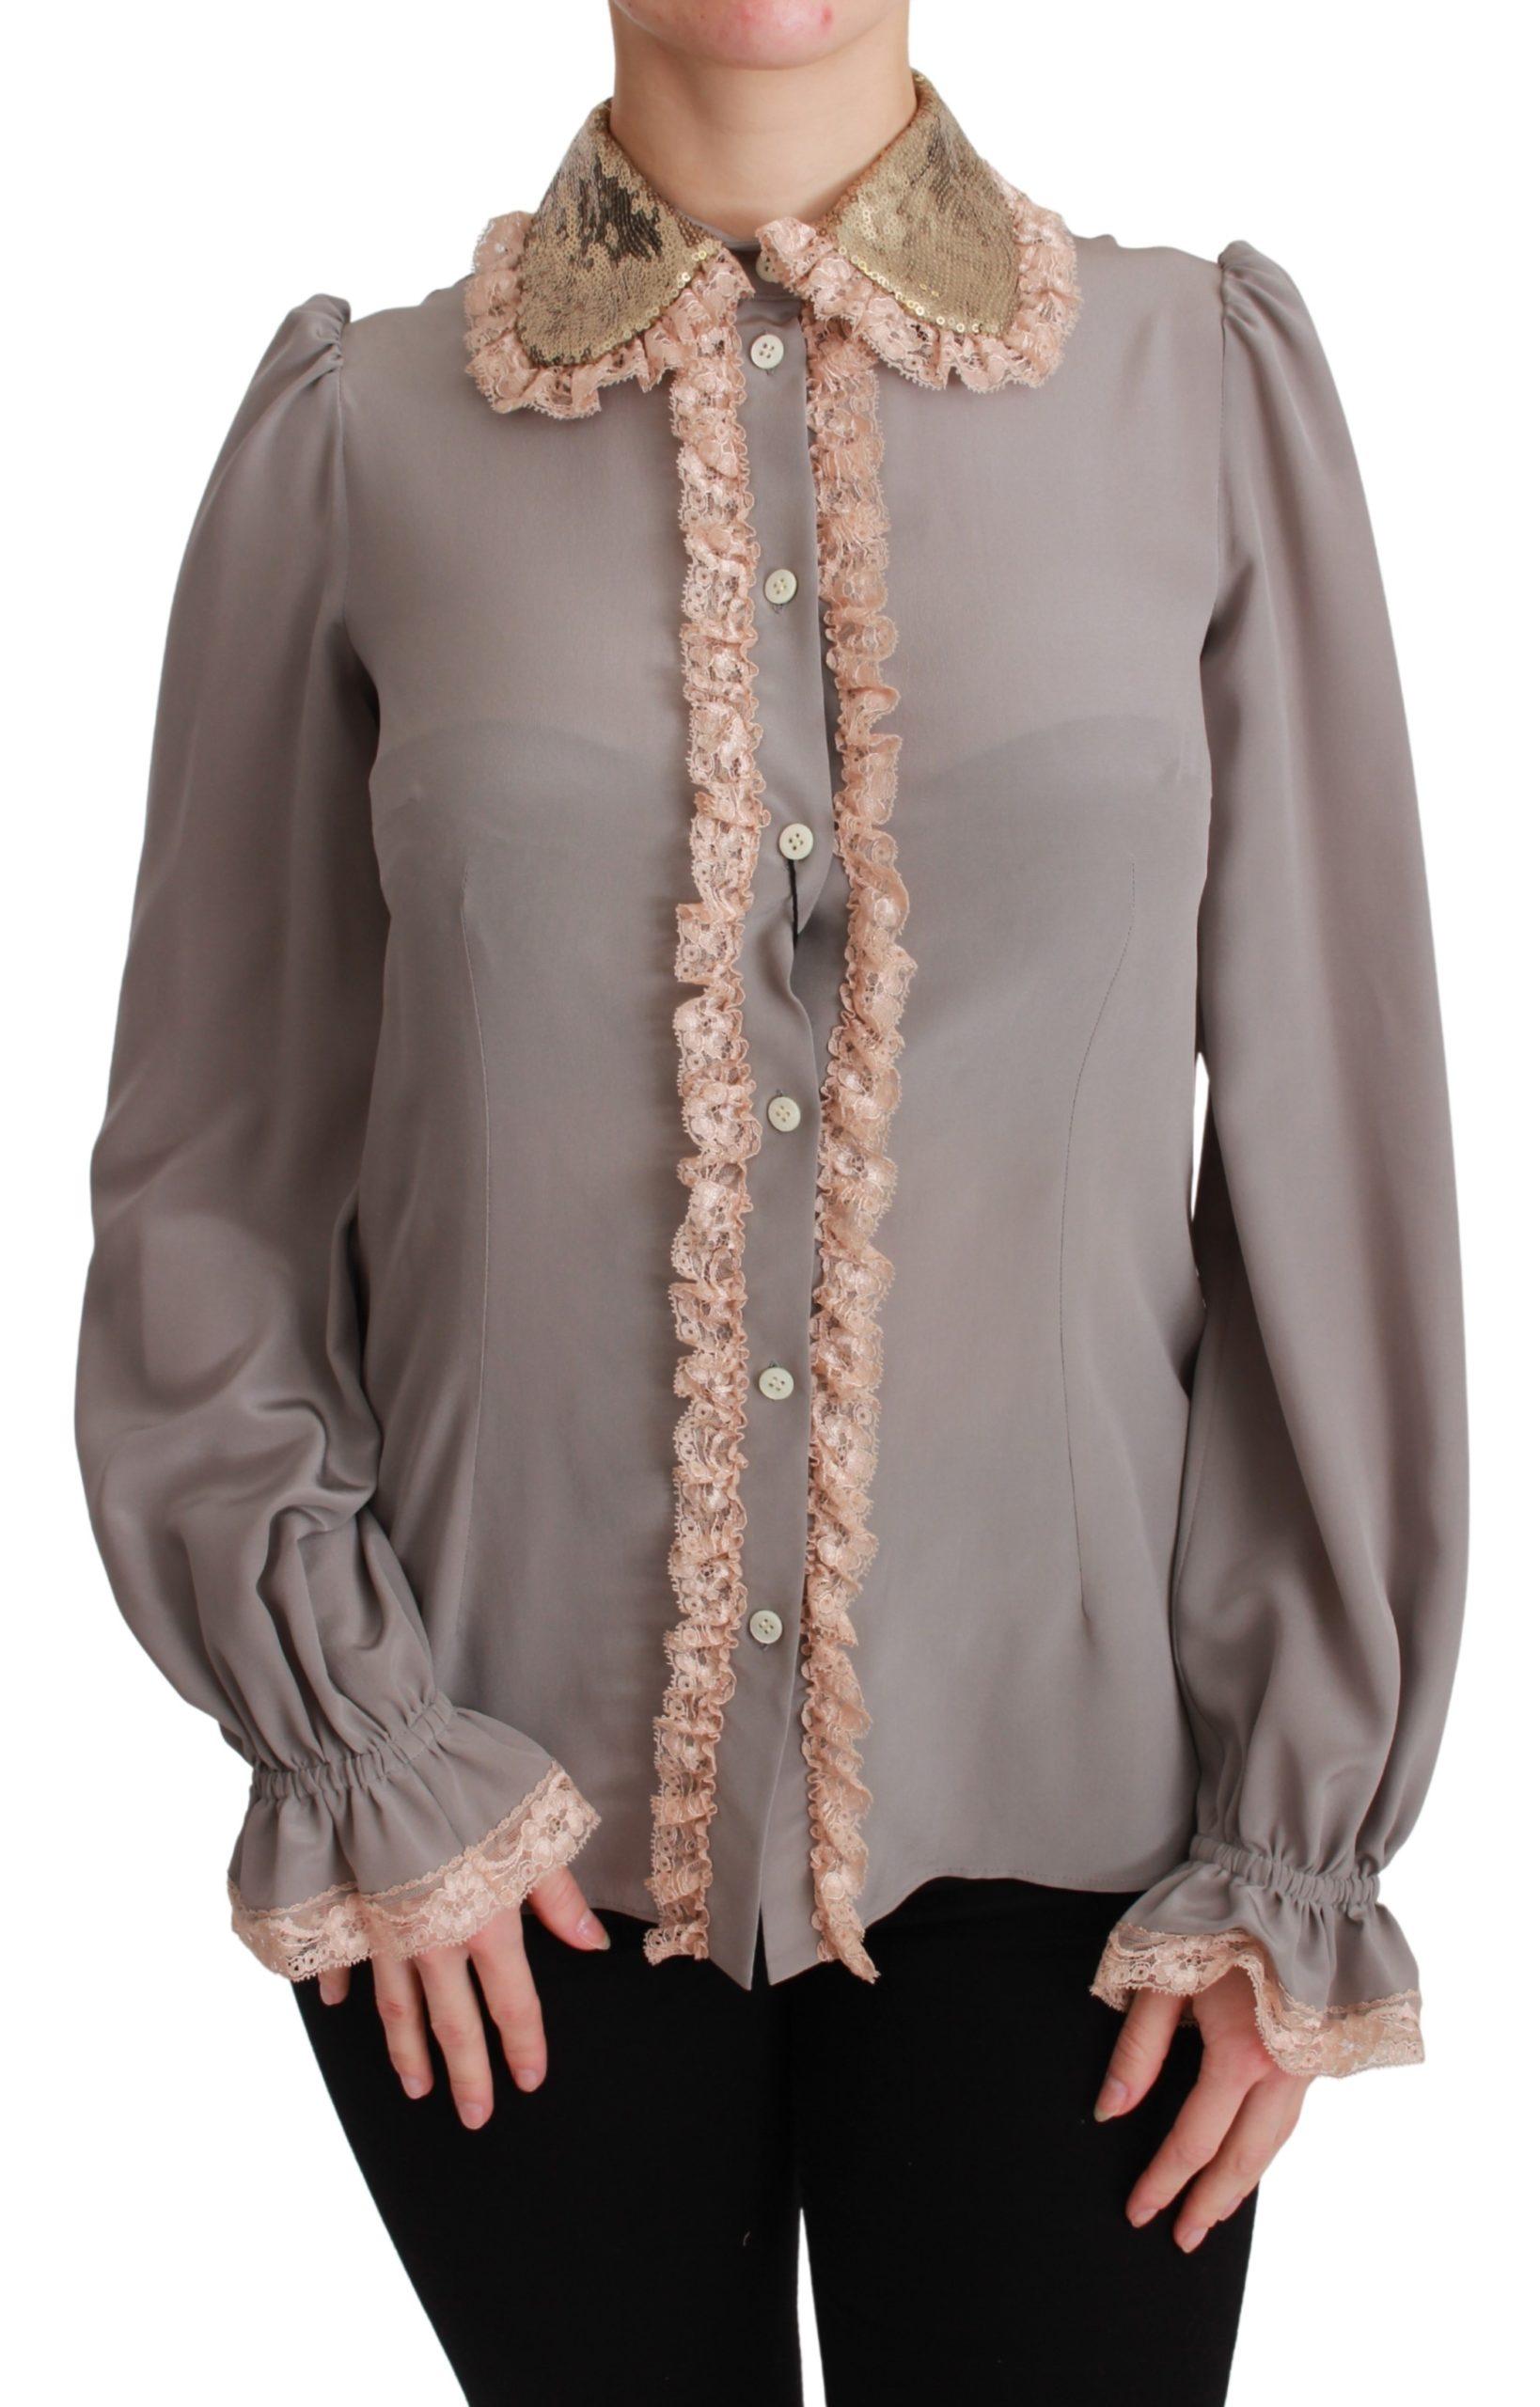 Dolce & Gabbana Women's Sequin Lace Shirt Gray TSH4664 - IT38|XS